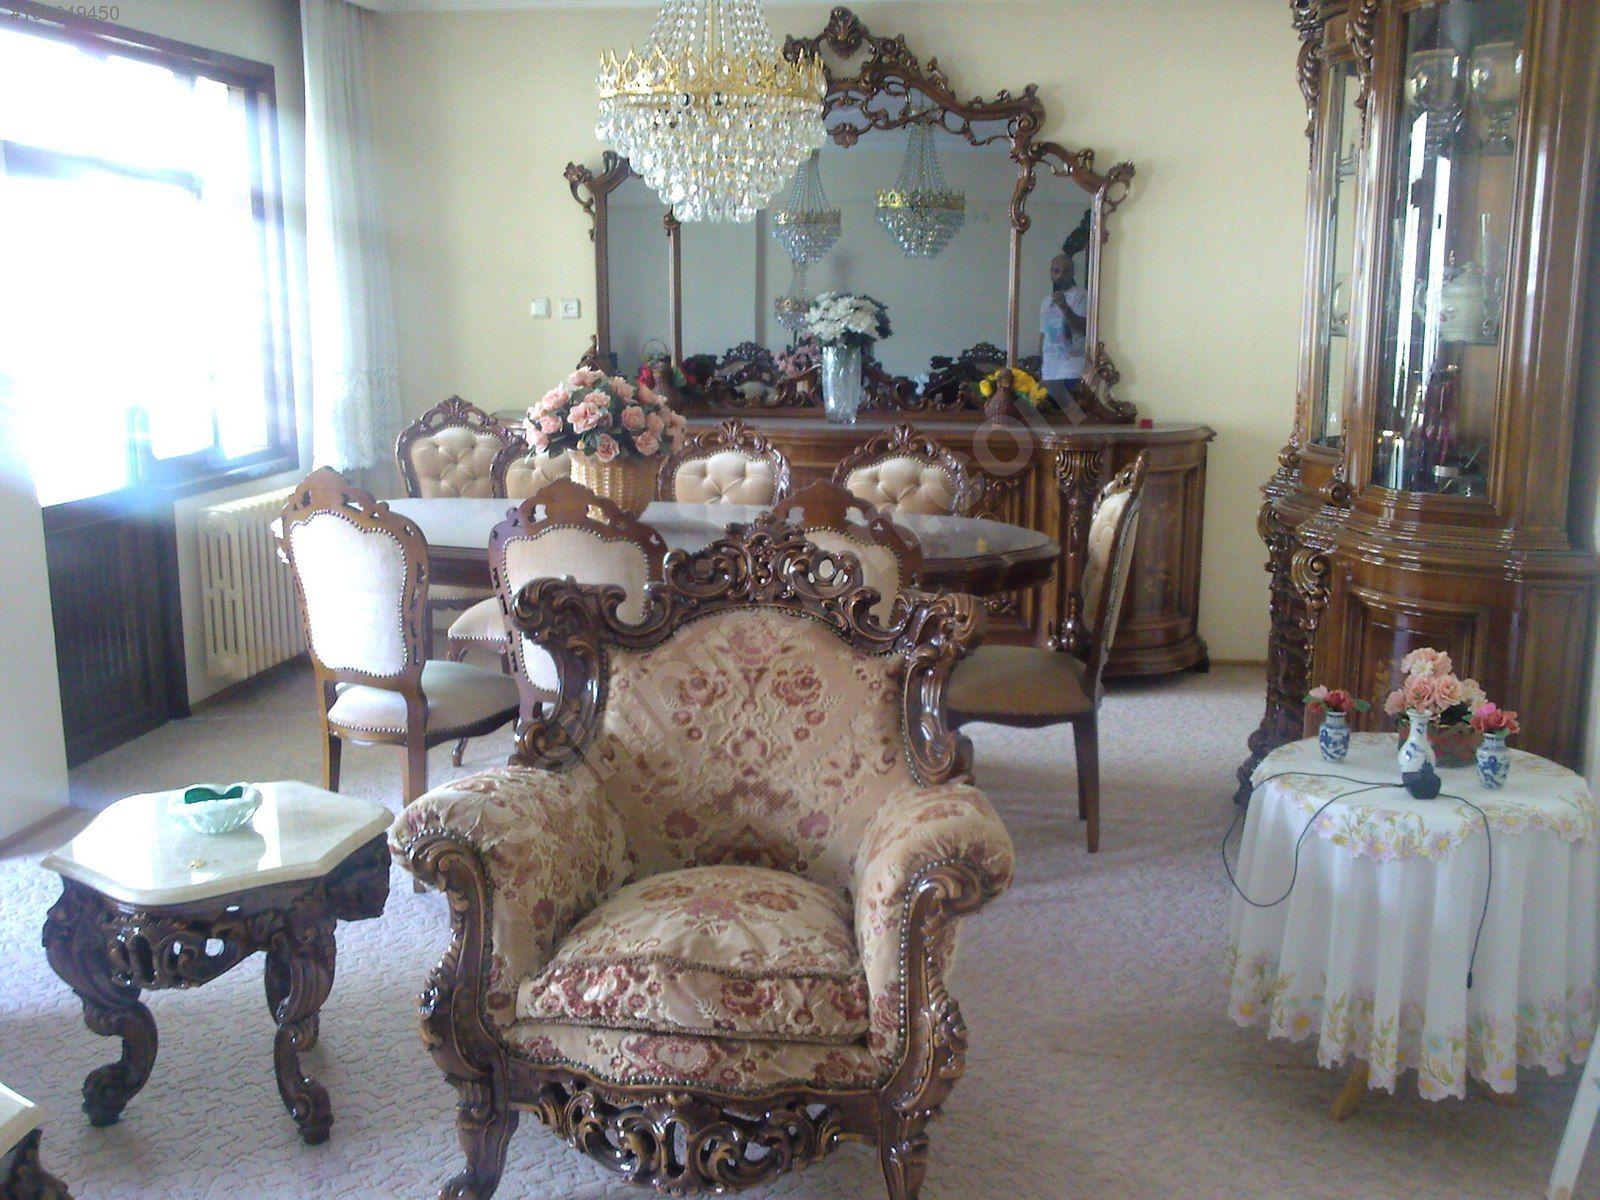 Yarim Asirlik Oturma Odasi Ve Yemek Odasi Ikisi Birarada Antika Antika Salon Takimi Ve Cesitli Antika Mobilyalar Sahibind 2020 Ev Dekoru Antika Mobilya Mobilya